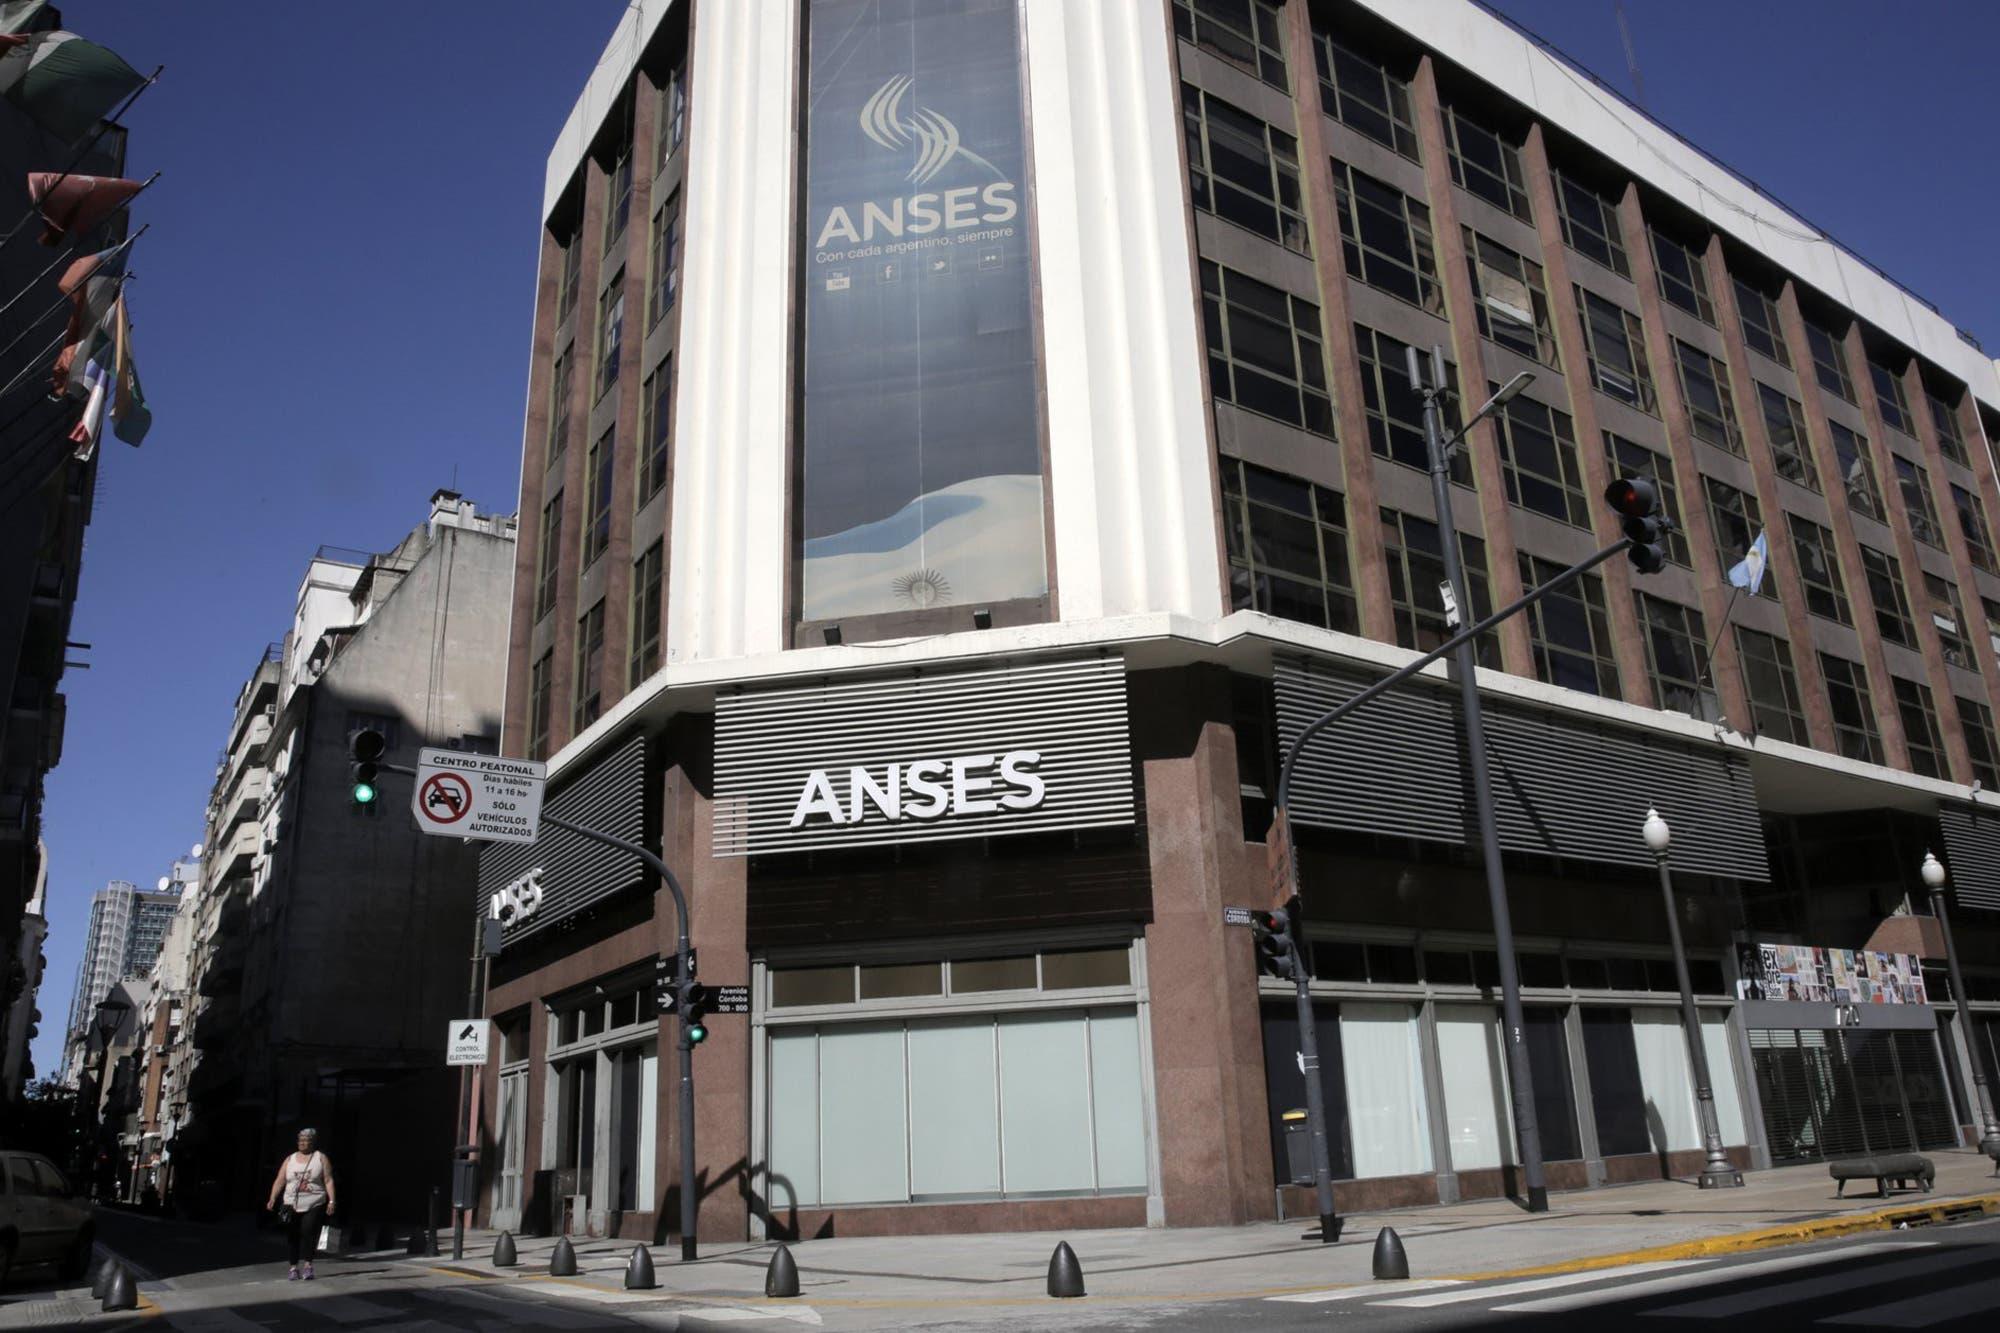 Jubilaciones de jueces: qué implica hacia adelante lo resuelto por la Anses